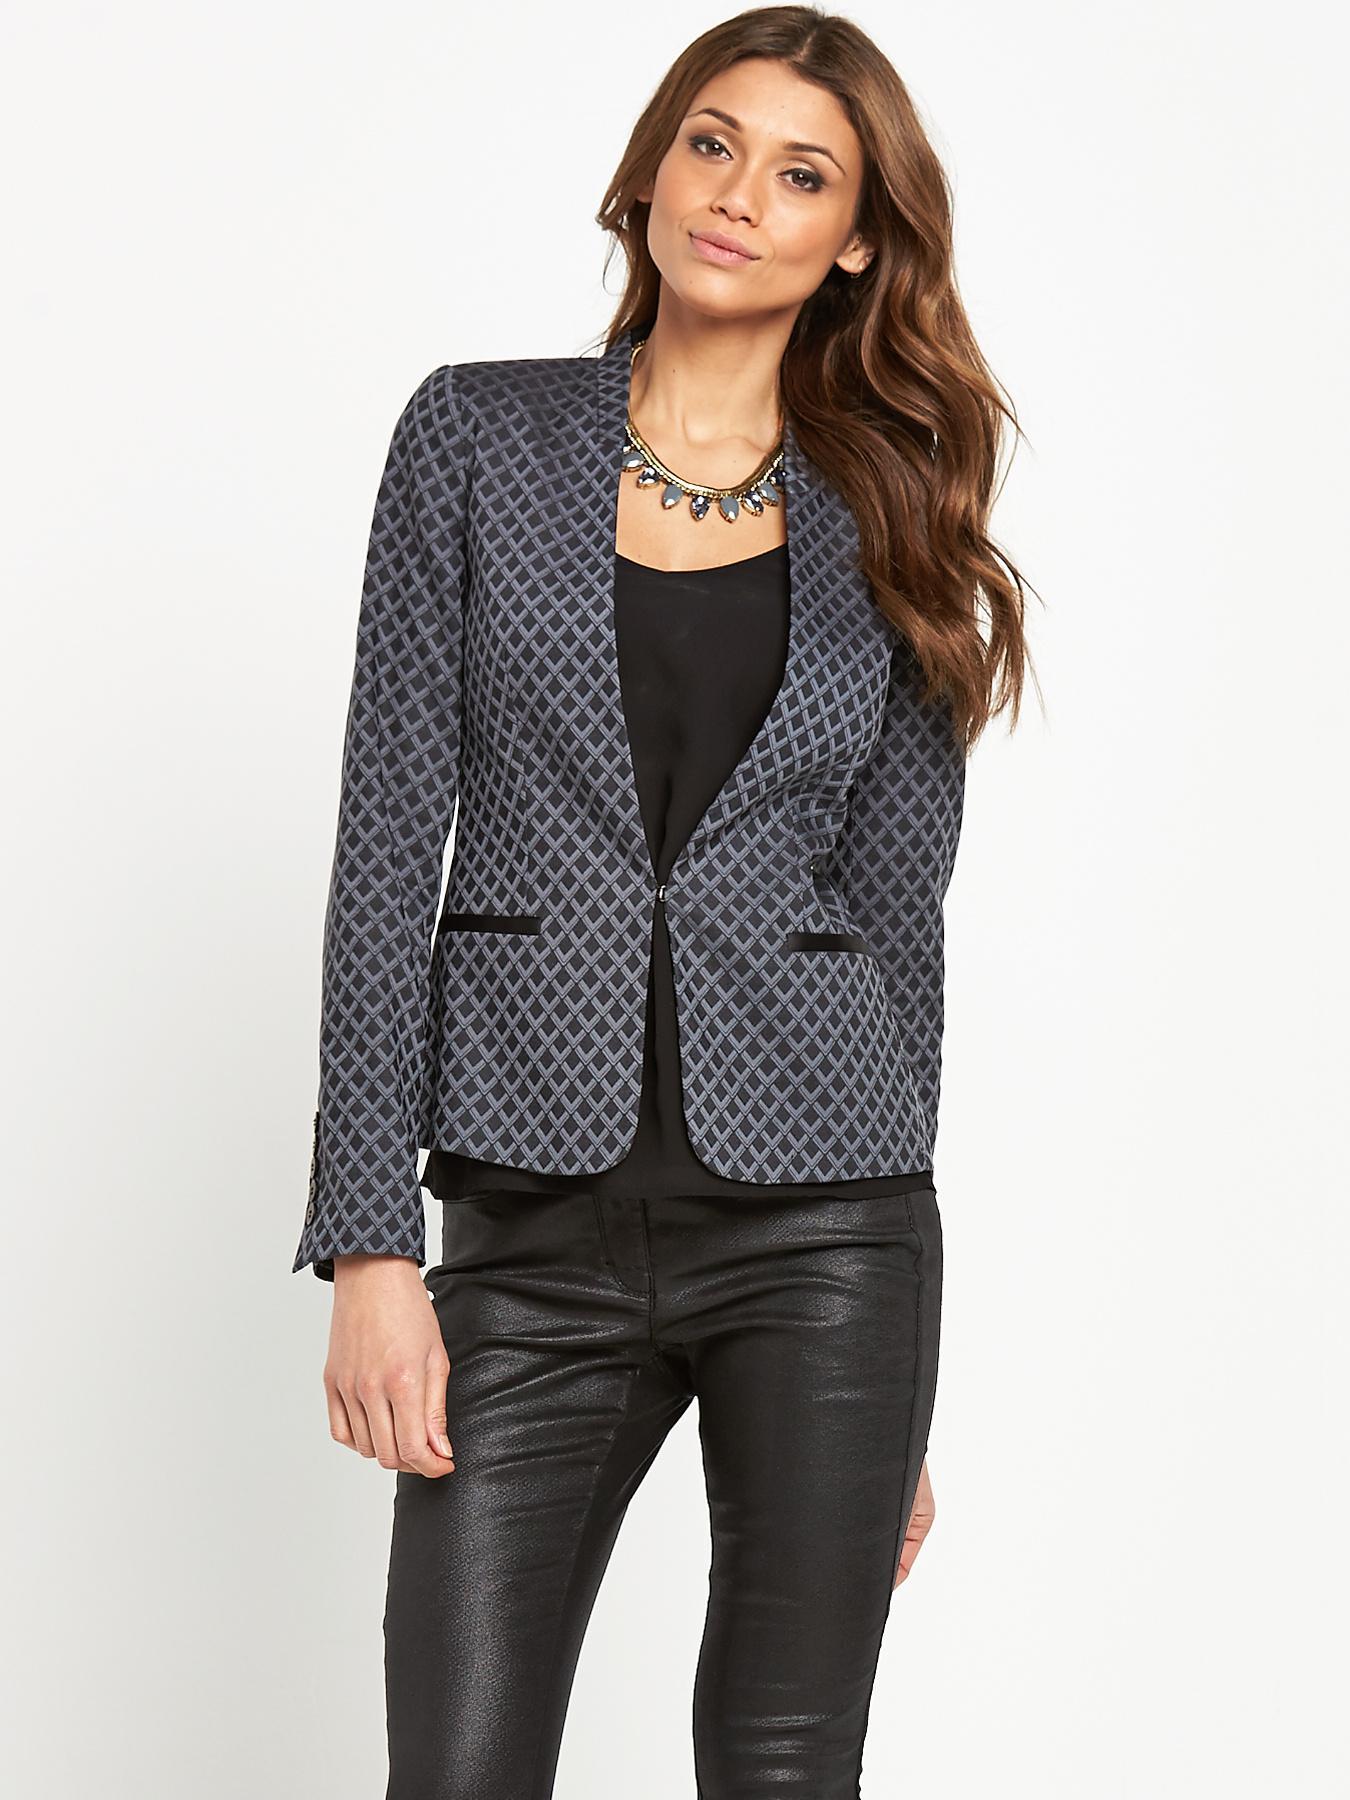 Geometric Jacquard Jacket, Black